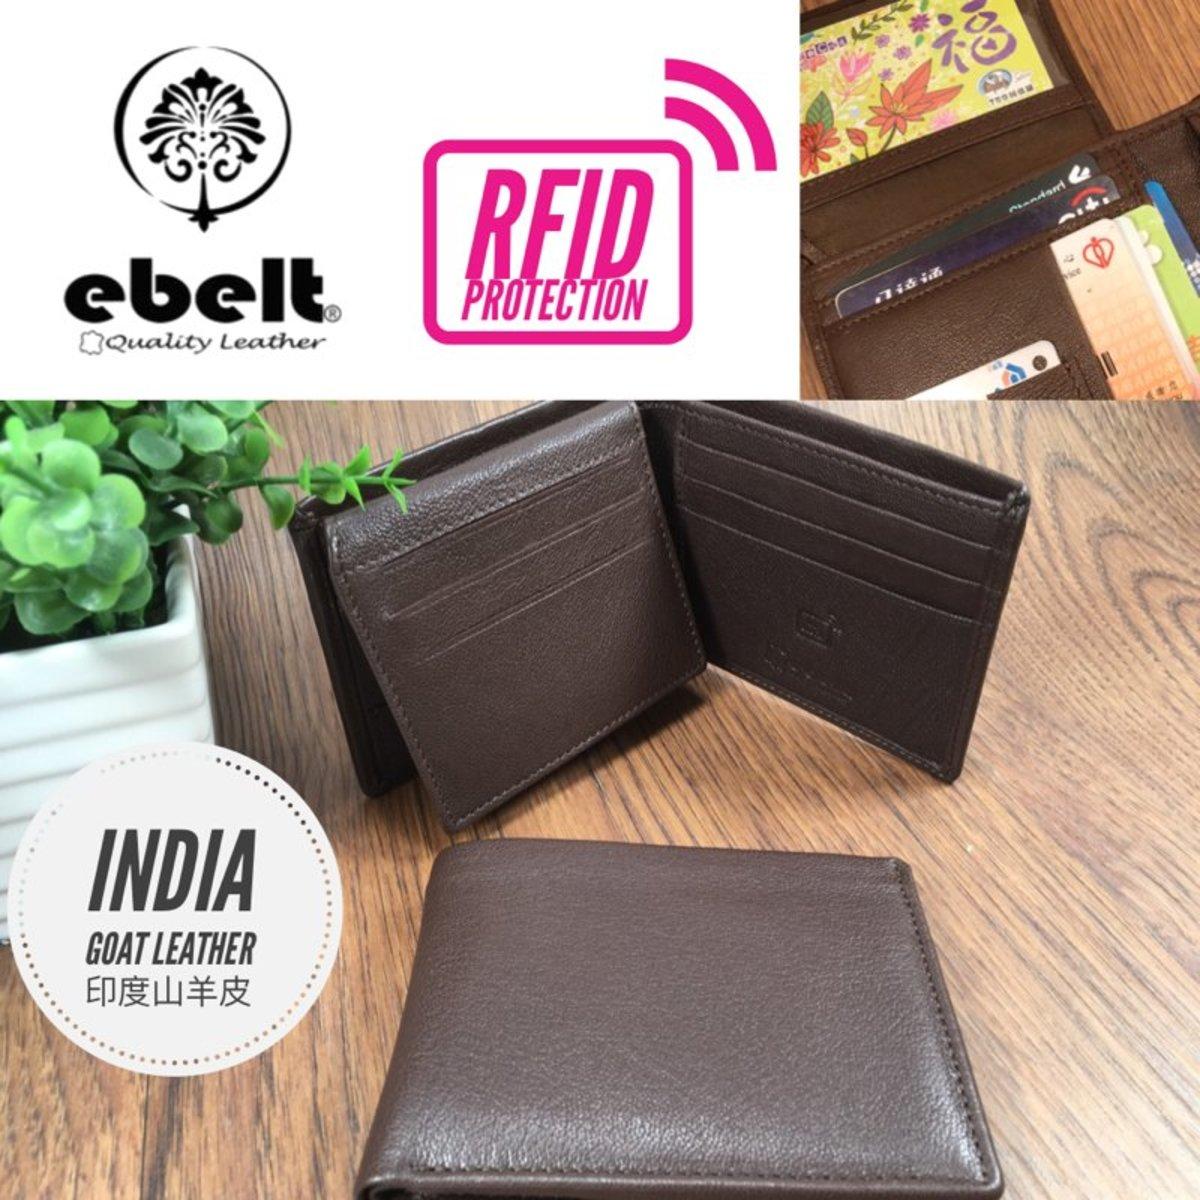 ebelt RFID 印度山羊皮銀包 India Goat Leather Wallet - WM0132